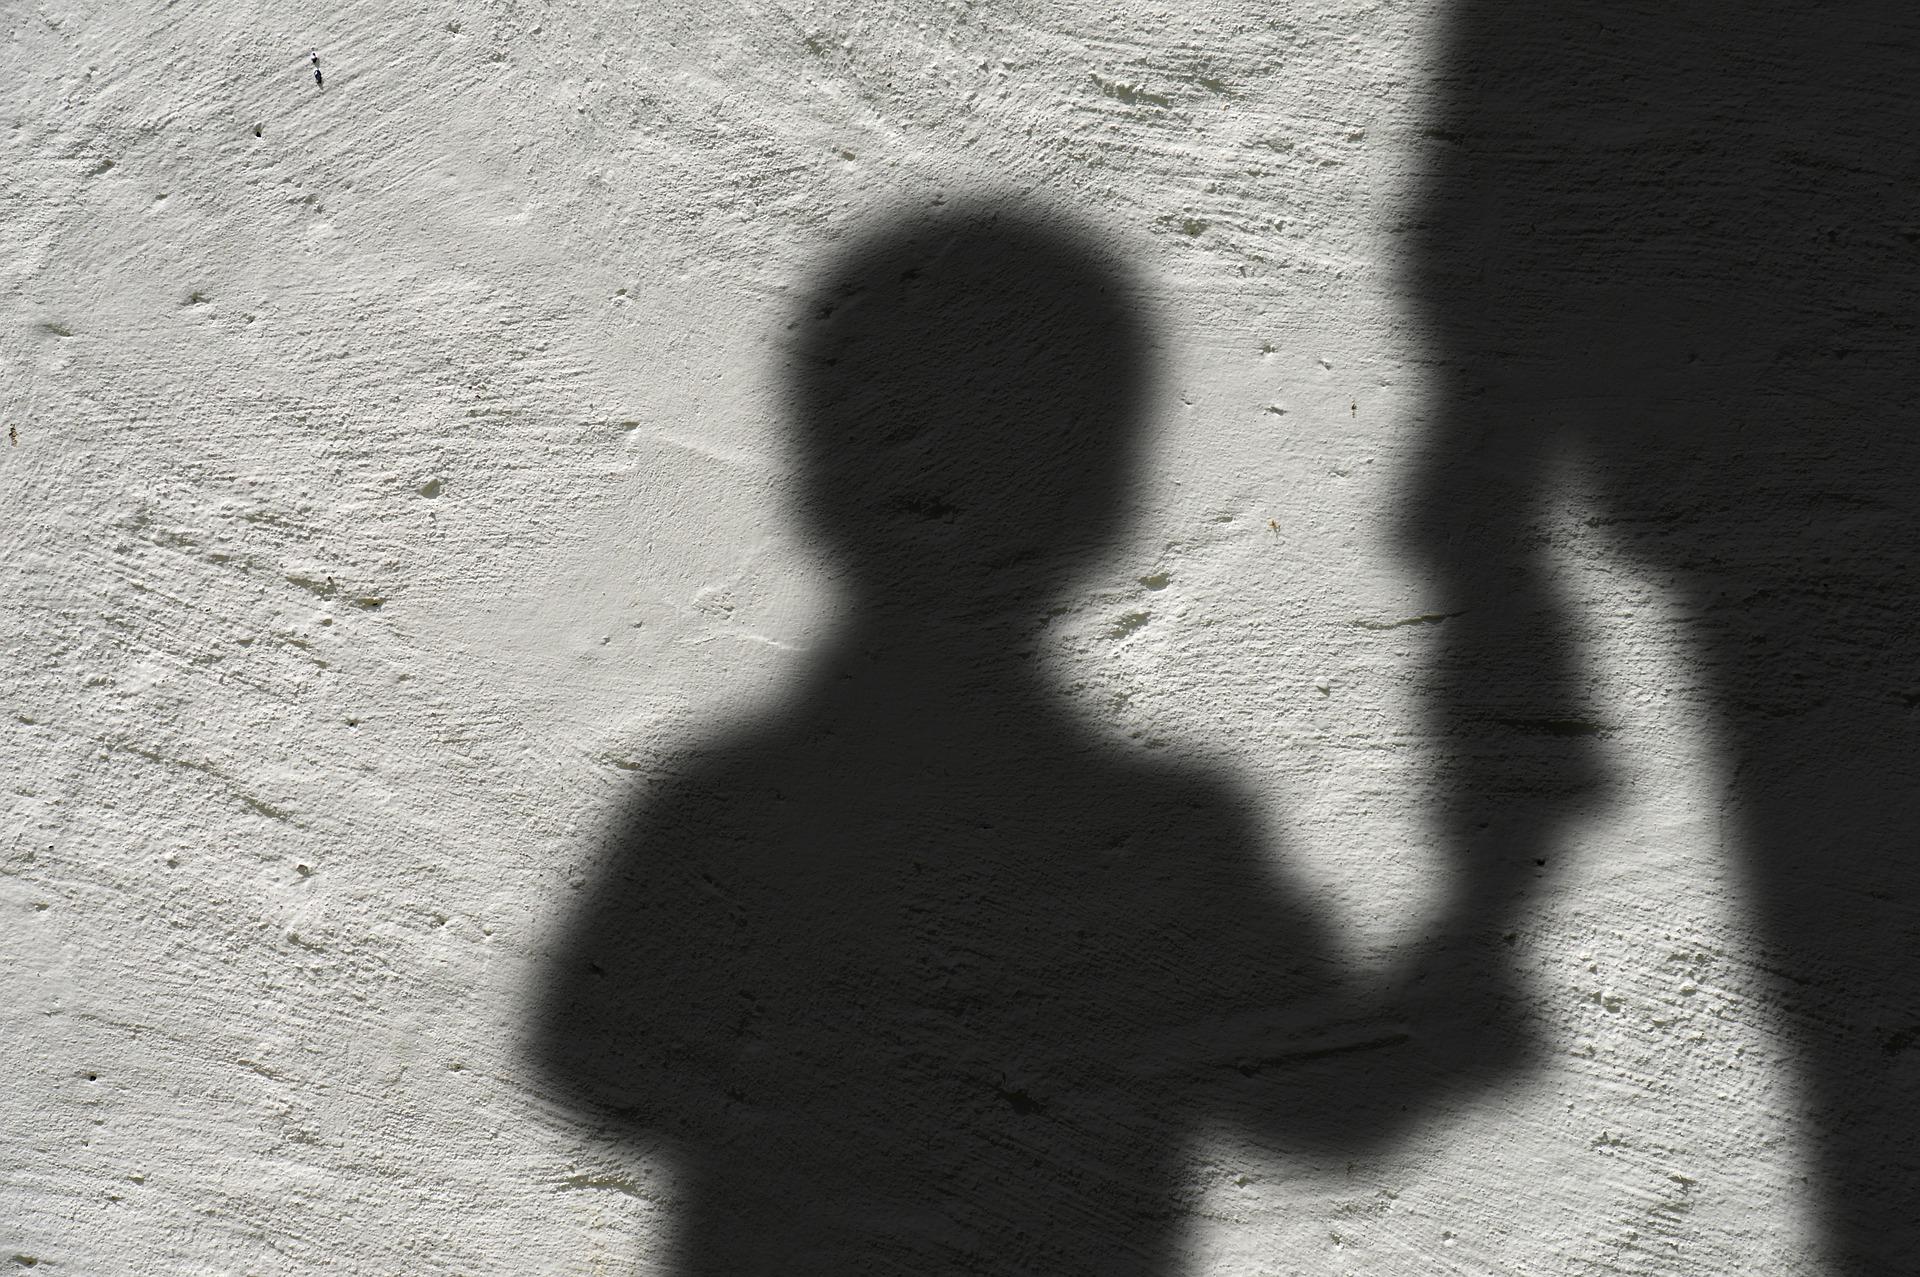 Häusliche Gewalt: Wie betroffen sind Kinder?